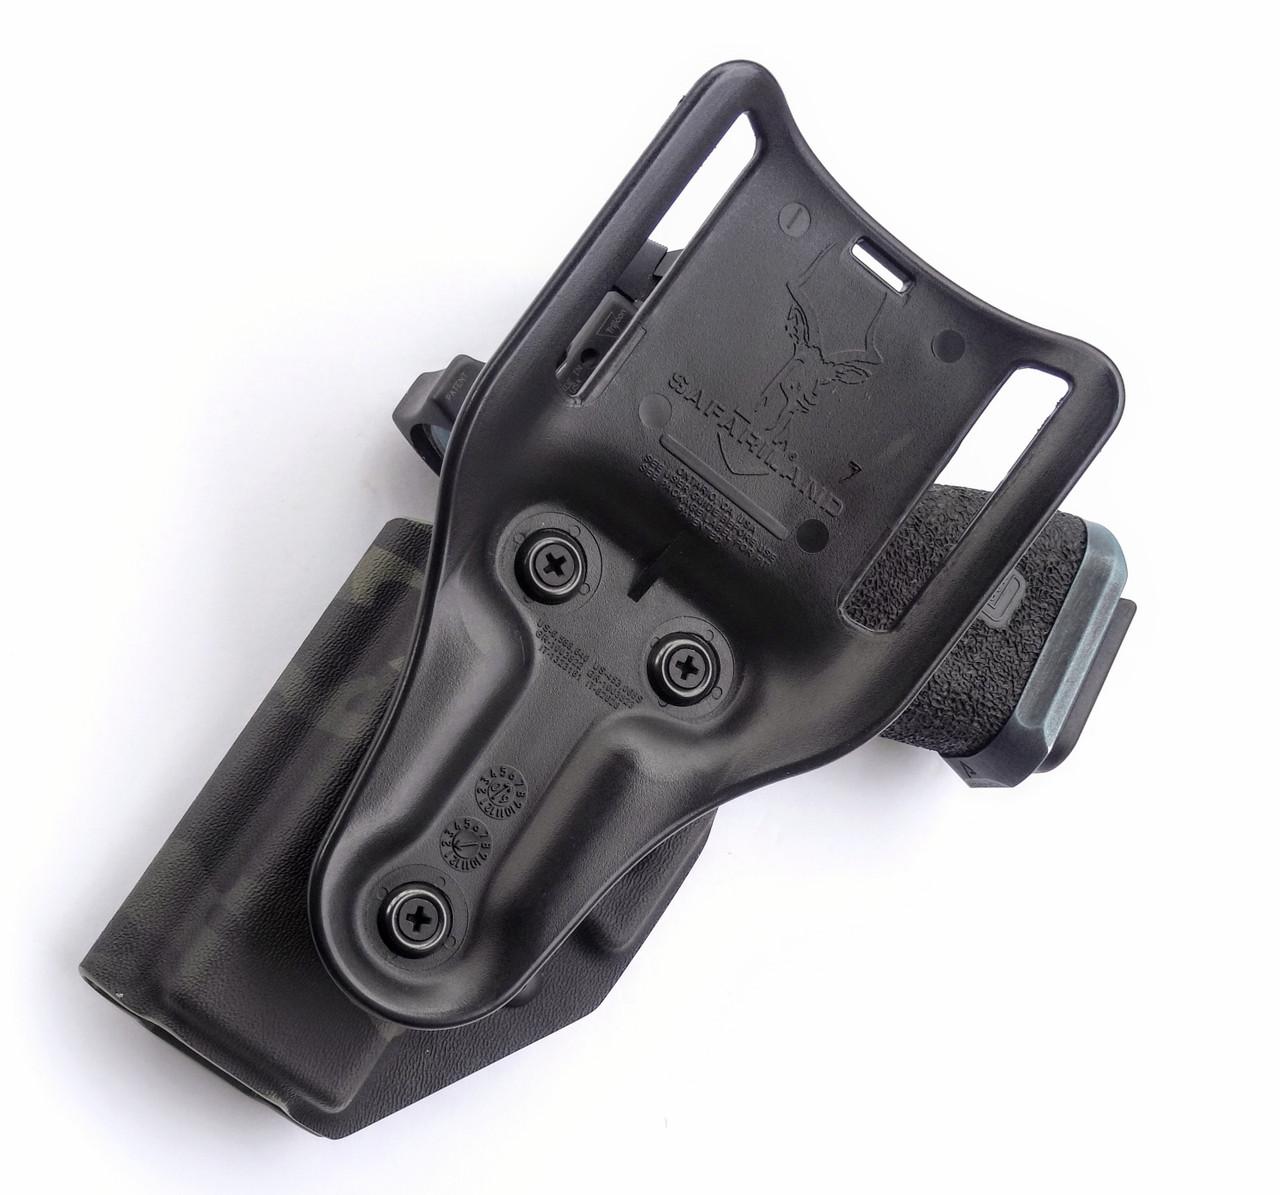 Glock 19 SAFARILAND UBL DROP HOLSTER